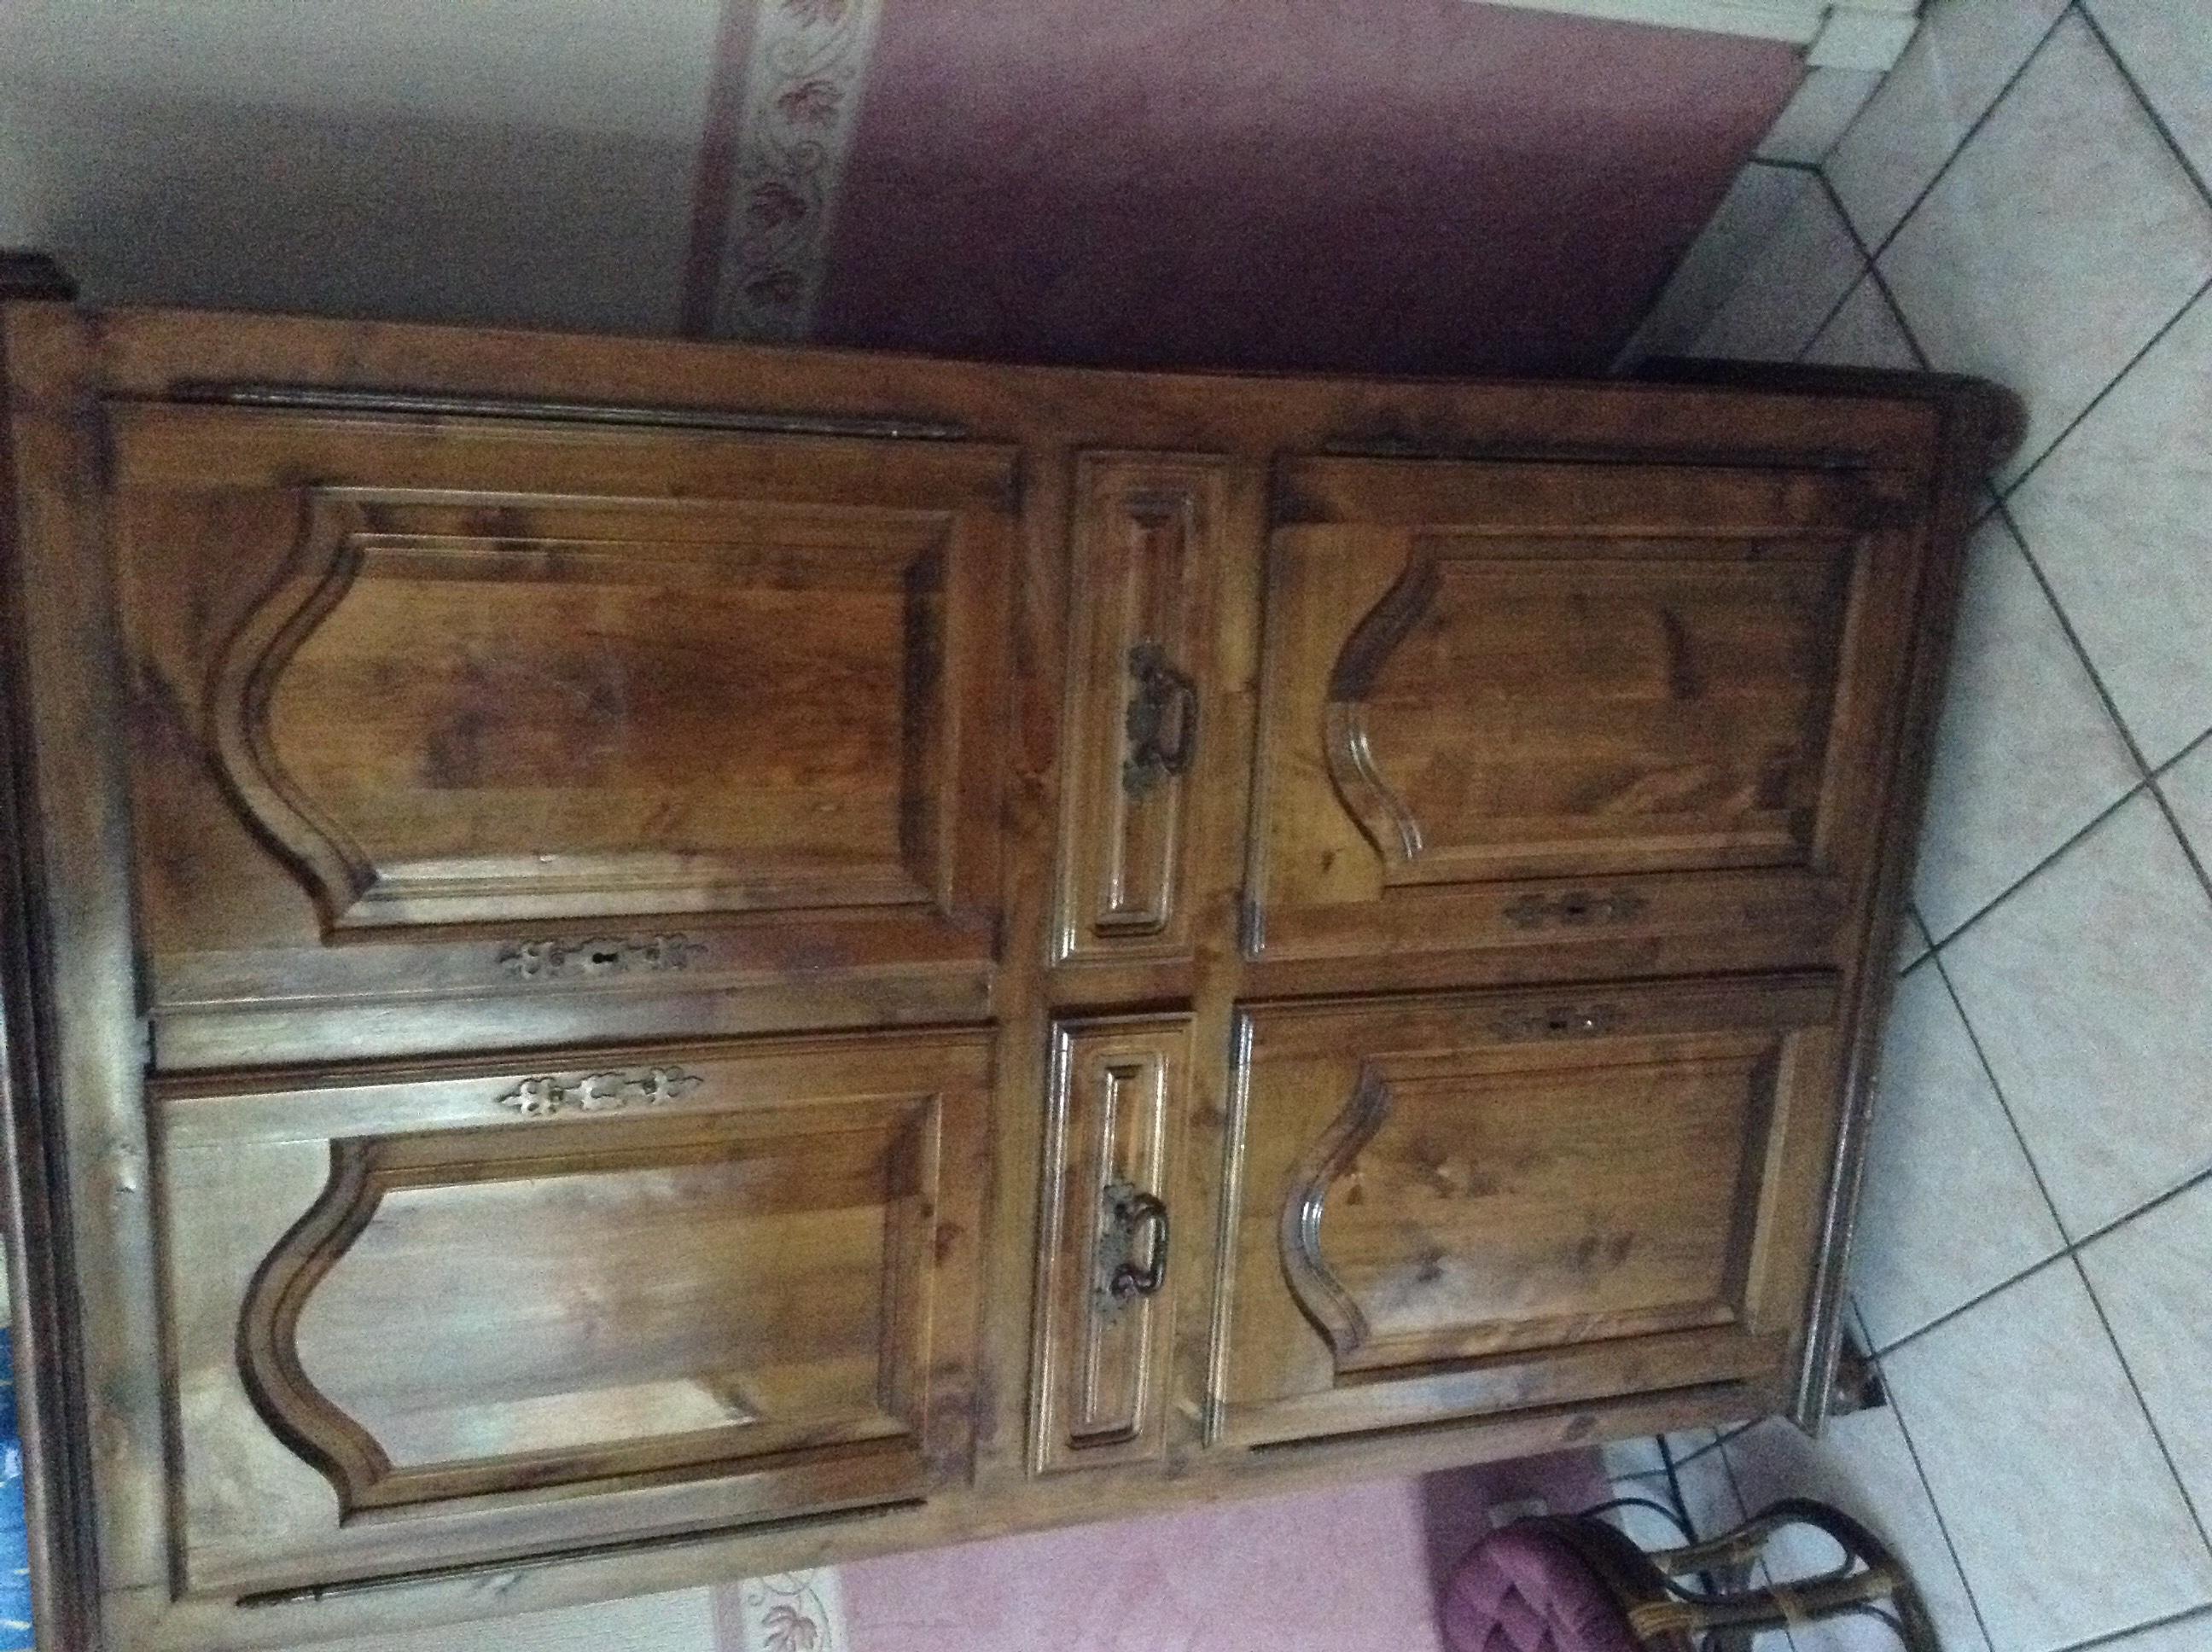 Meubles t l occasion montigny le bretonneux 78 annonces achat et vente de meubles t l - Meubles scandinaves palaiseau ...